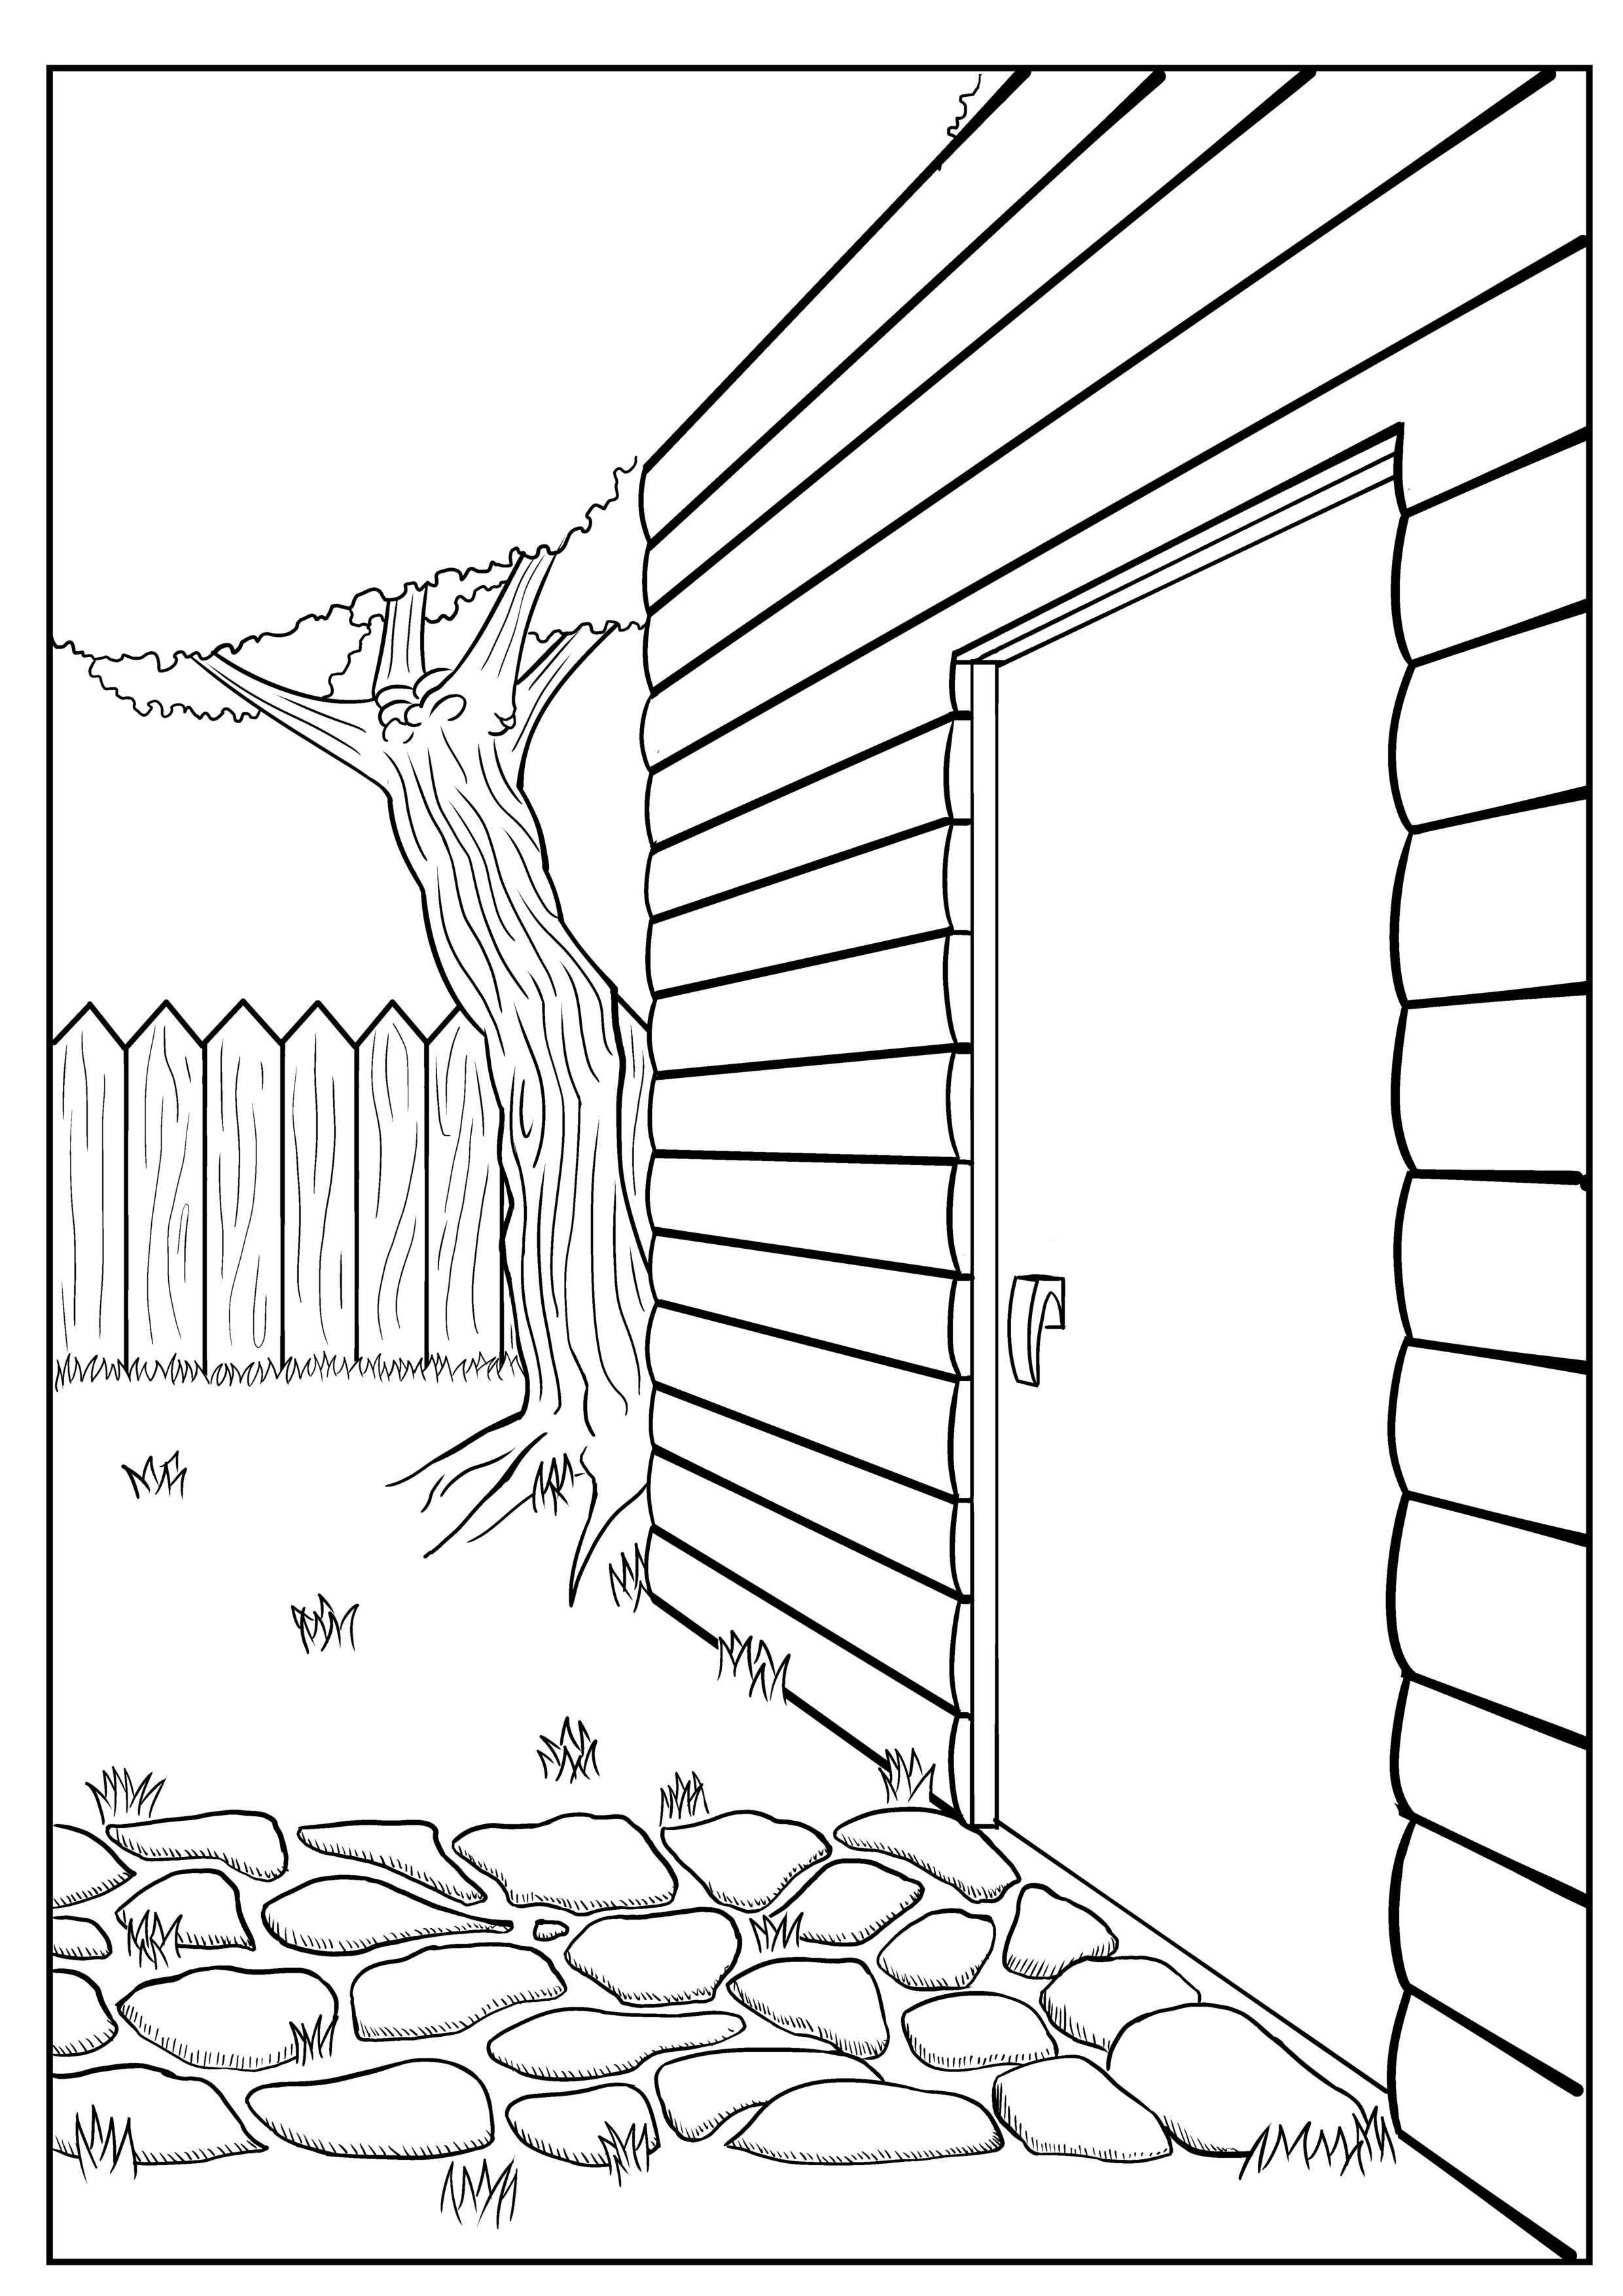 Giardino (2014) #Draw #Drawing #Disegno #Ink #Inking #Inchiostrazione #Illustration #Illustrazione #Garden #Giardino